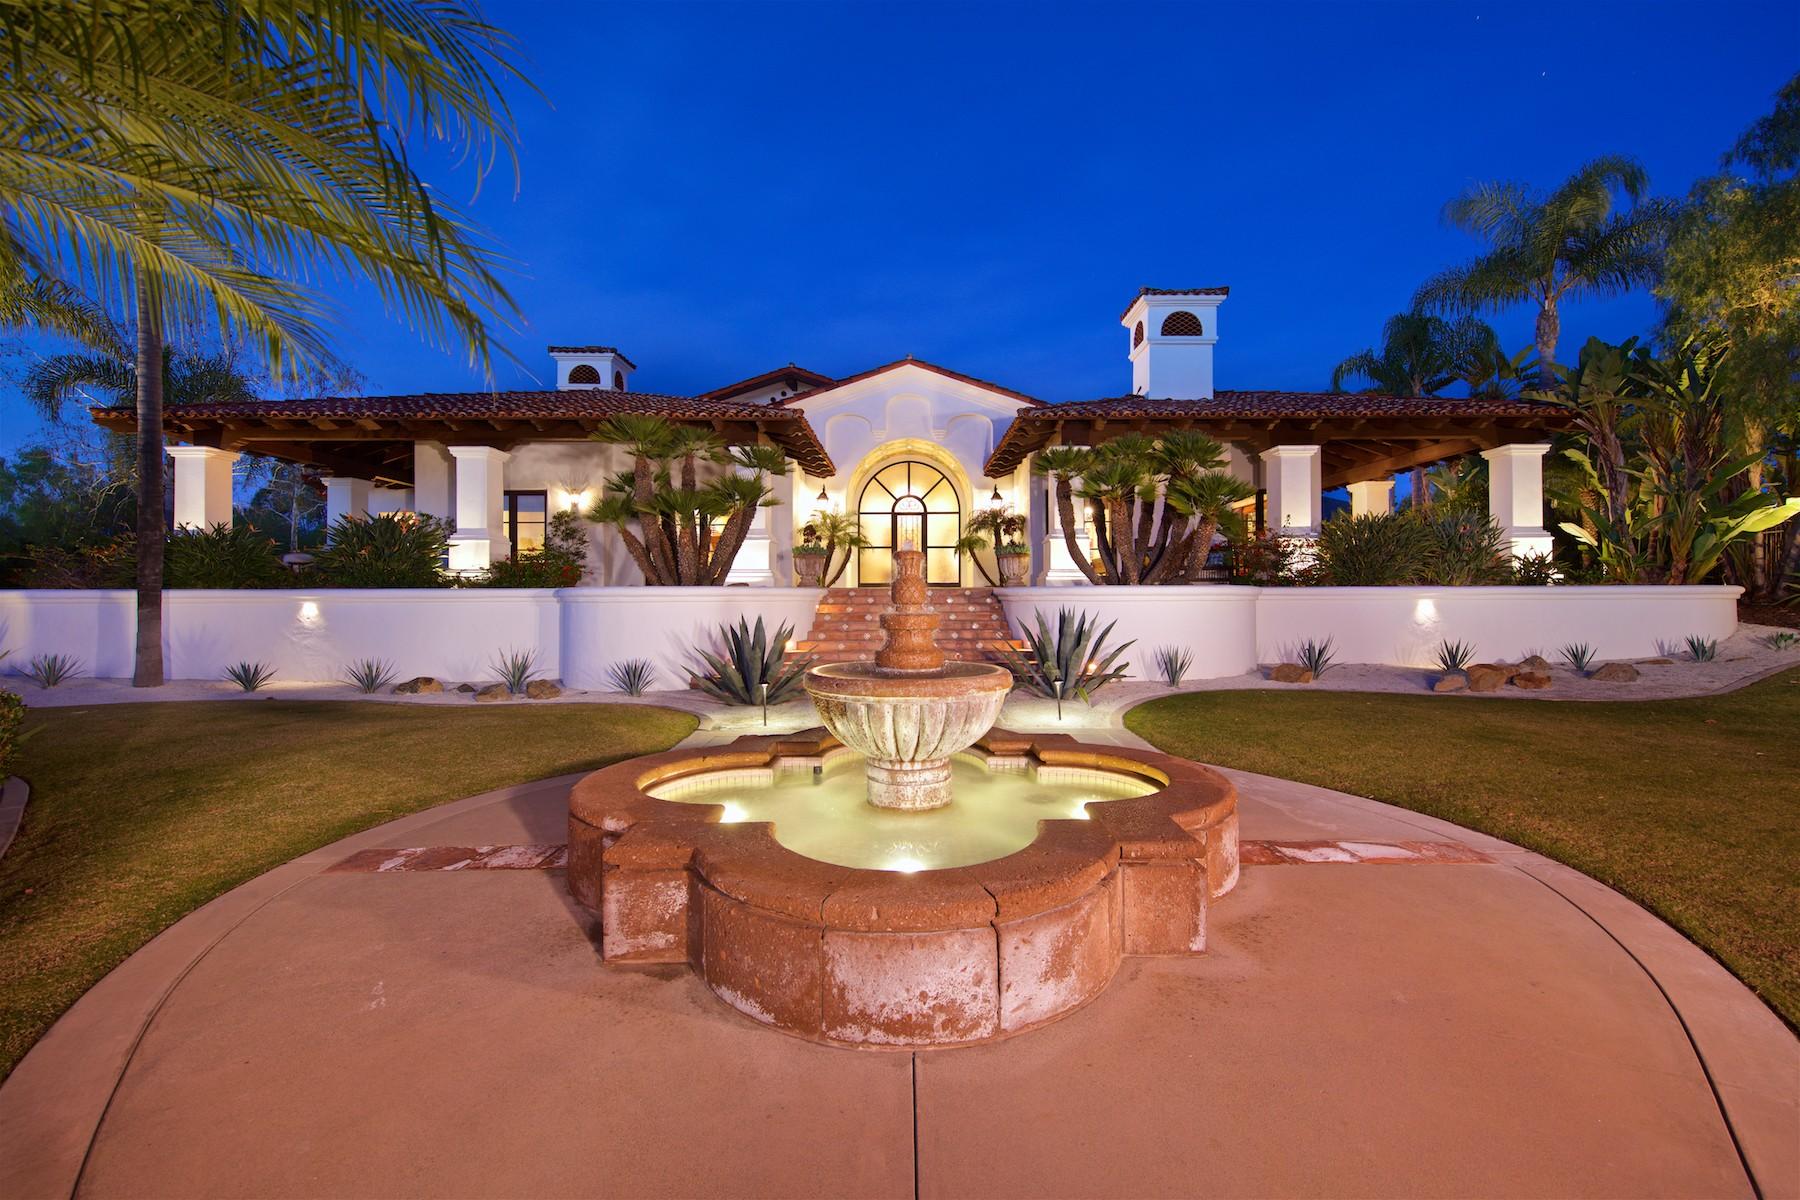 단독 가정 주택 용 매매 에 7152 Rancho La Cima Rancho Santa Fe, 캘리포니아, 92067 미국